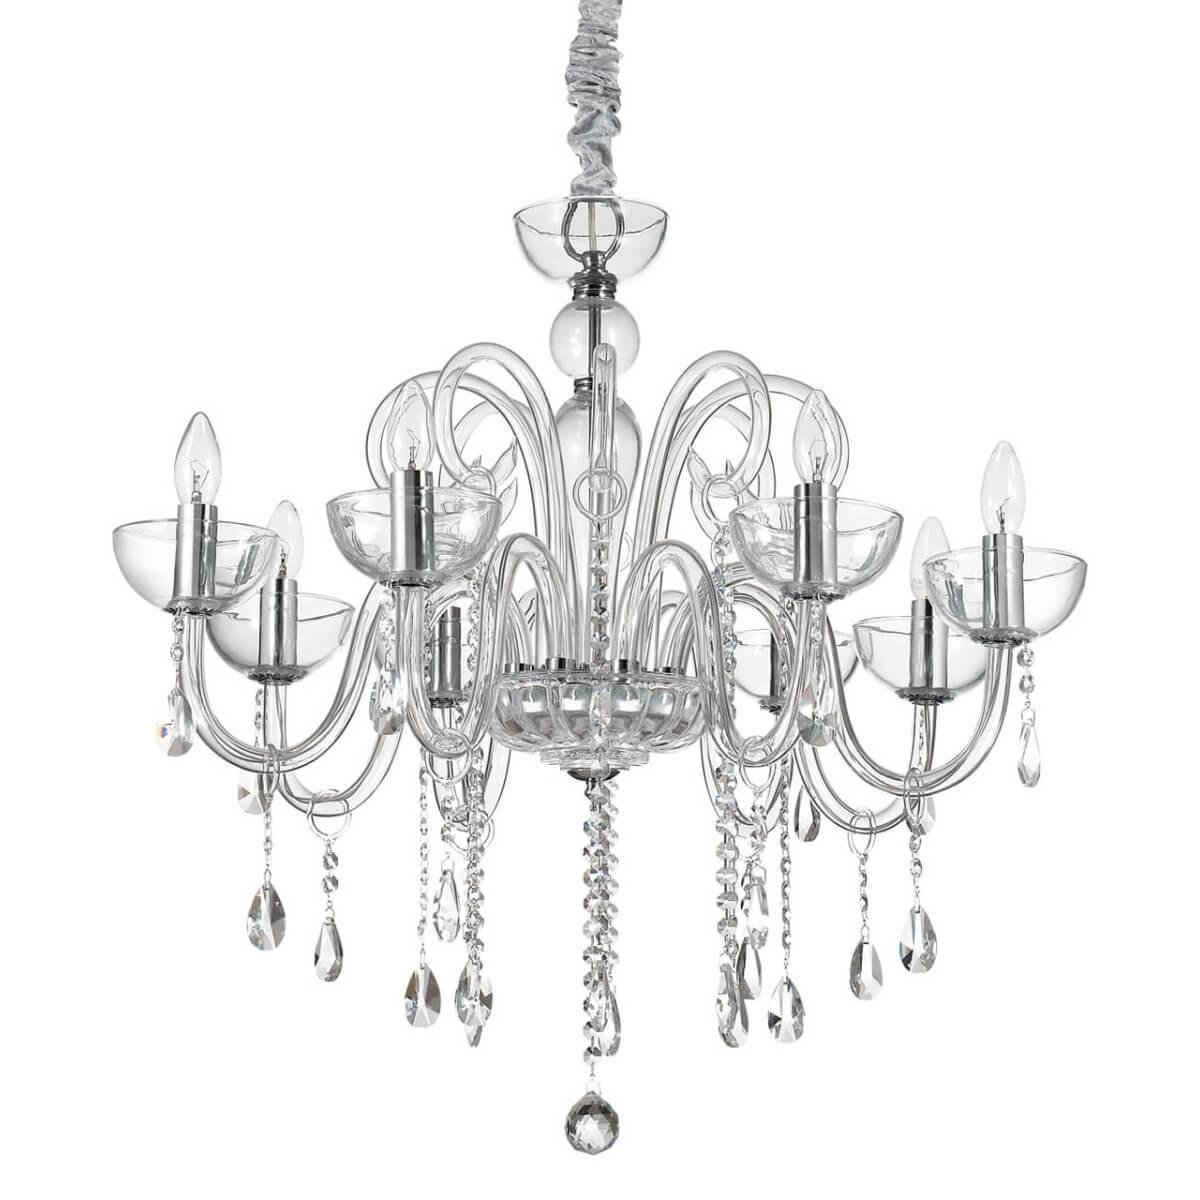 Подвесная люстра Ideal Lux Canaletto SP8 Trasparente ideal lux подвесная люстра colossal sp15 trasparente